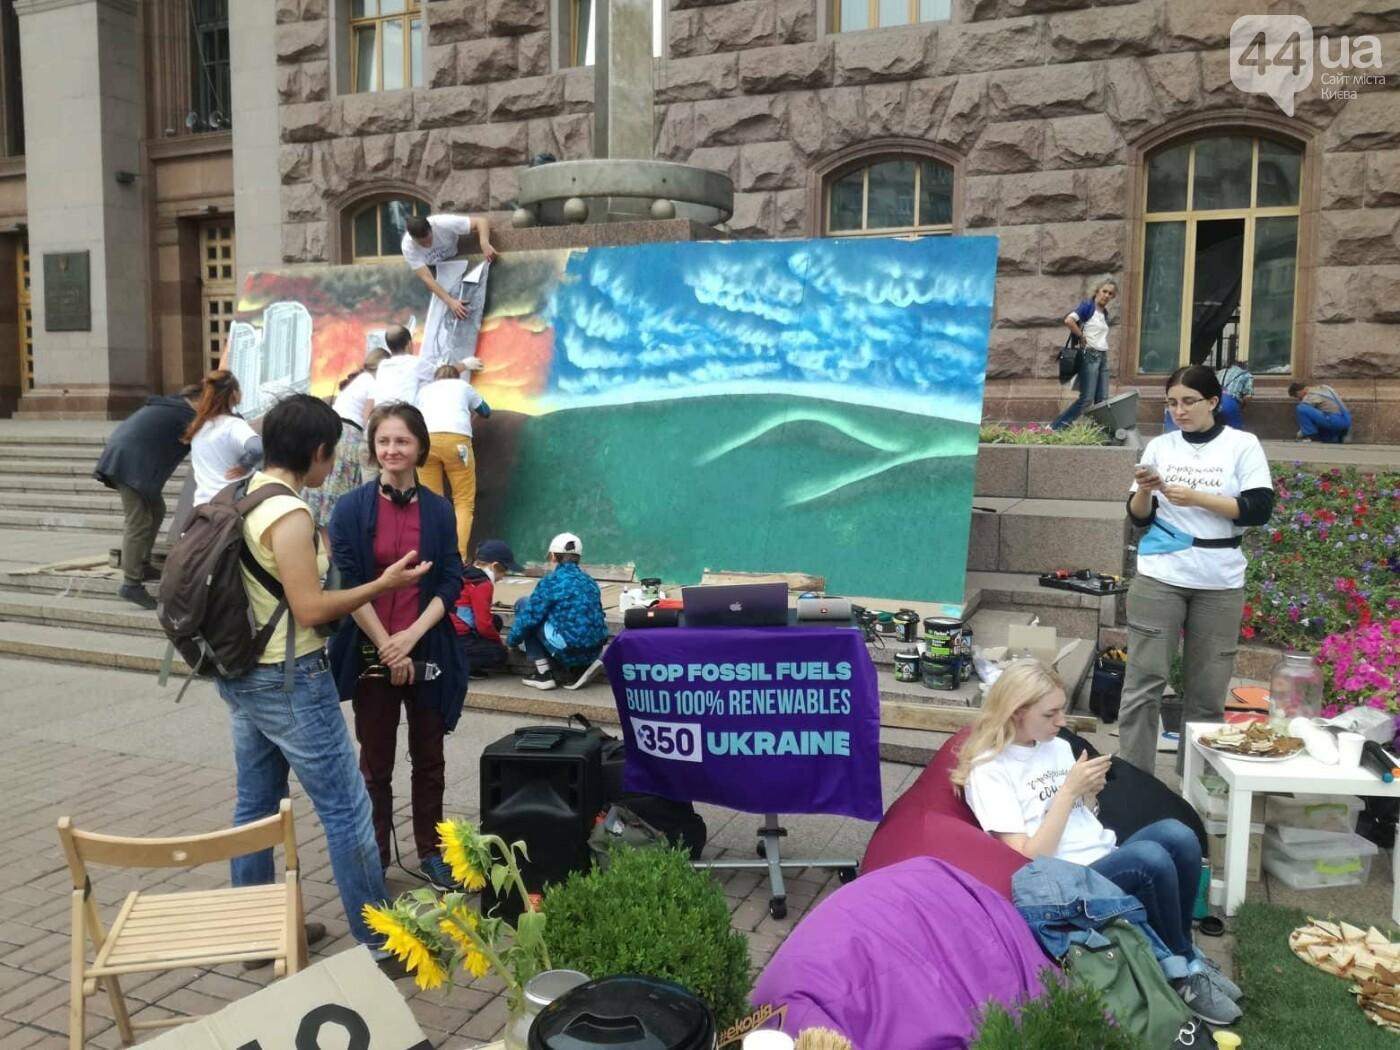 Включи солнце: в центре Киева проходит экологическая акция, - ФОТО, фото-1